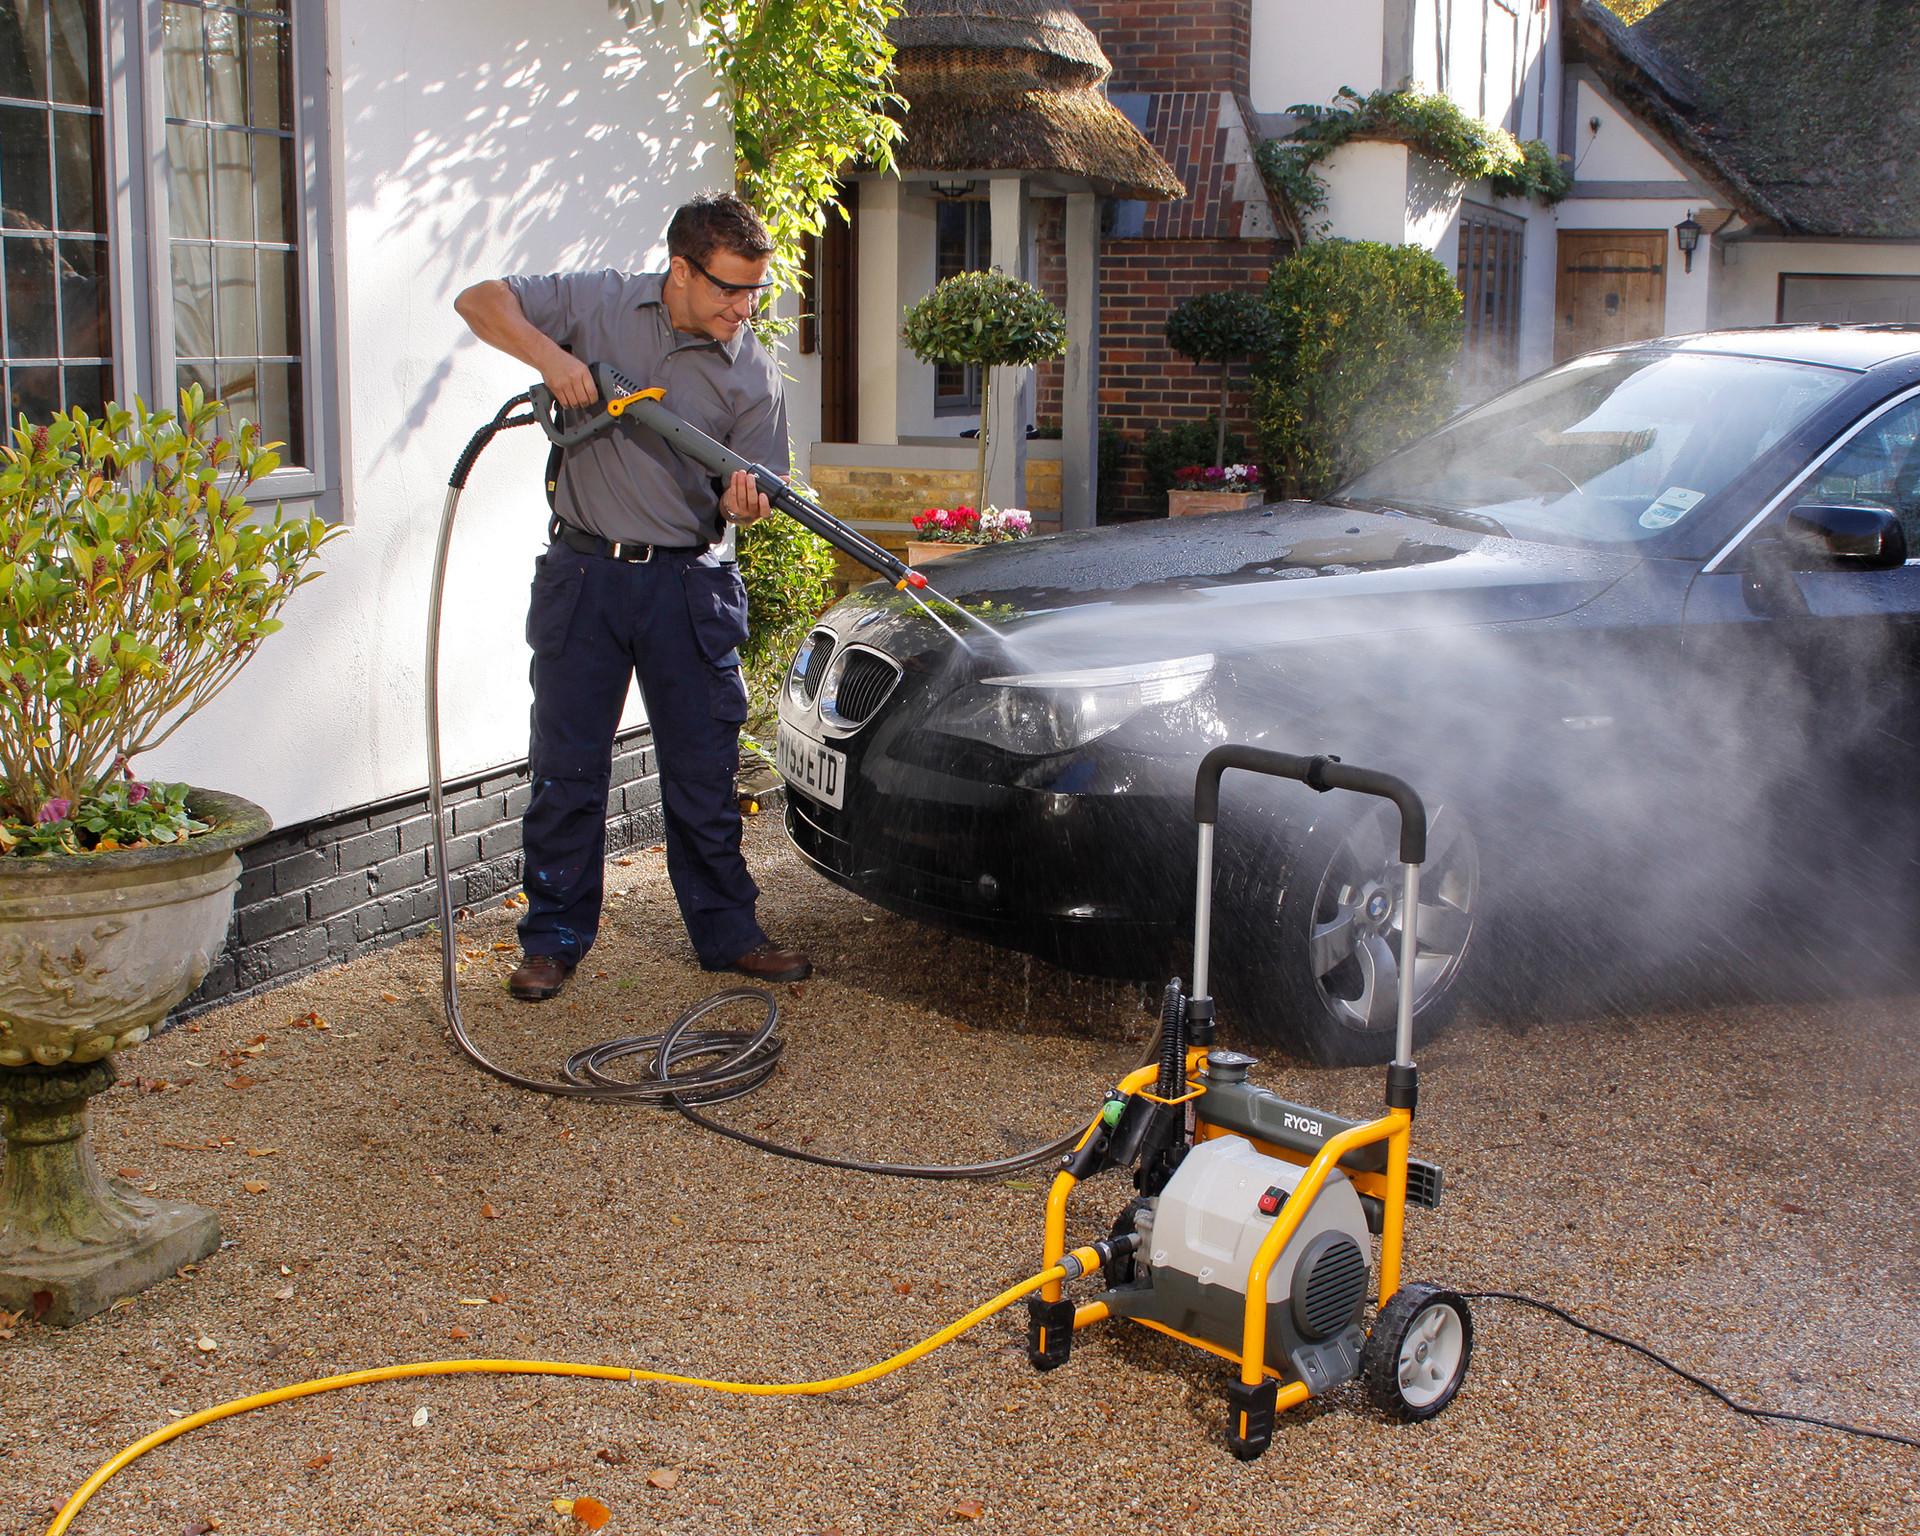 photo of man washing car